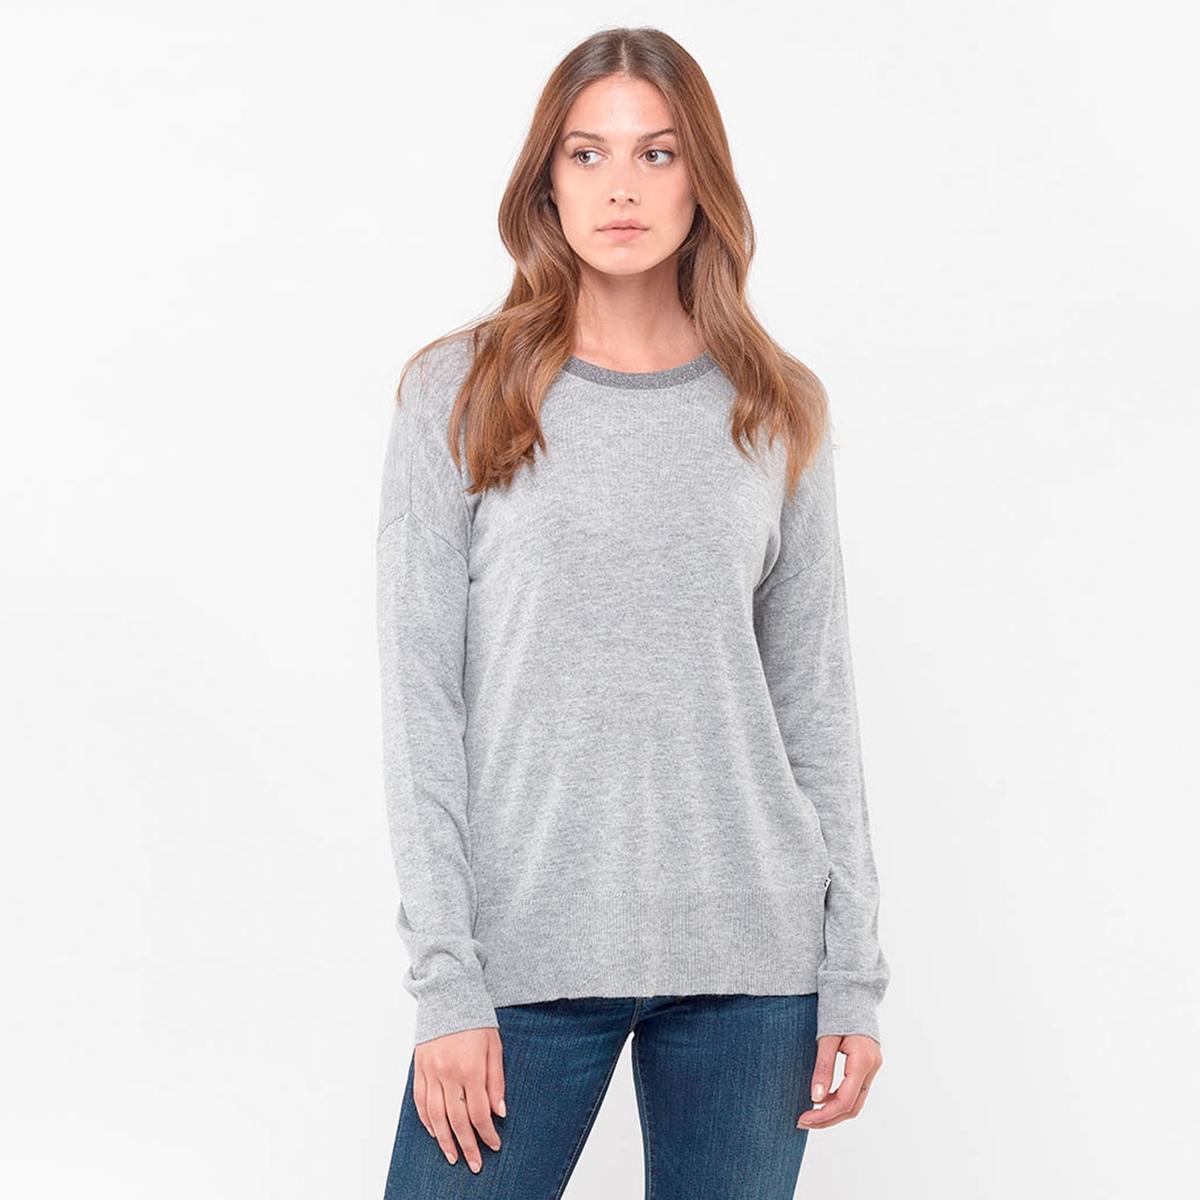 Пуловер La Redoute С круглым вырезом с волокнами с металлическим блеском и вырезом с бантом сзади L серый пуловер la redoute с круглым вырезом из шерсти мериноса pascal 3xl черный